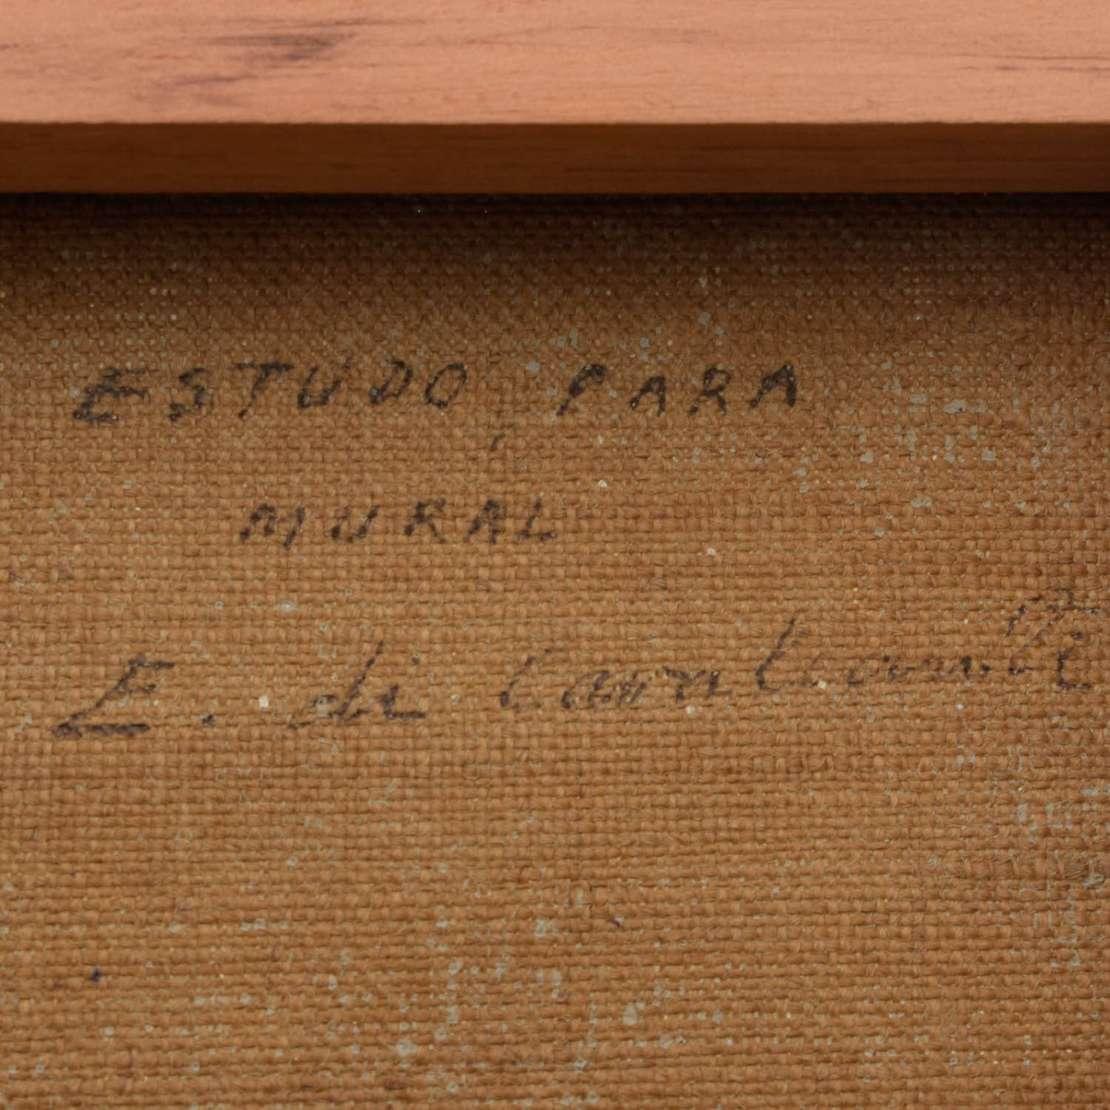 Di Cavalcanti (1897-1976), Estudo para Mural - Óleo s/ tela<br>Ass. inf. direito e verso<br>